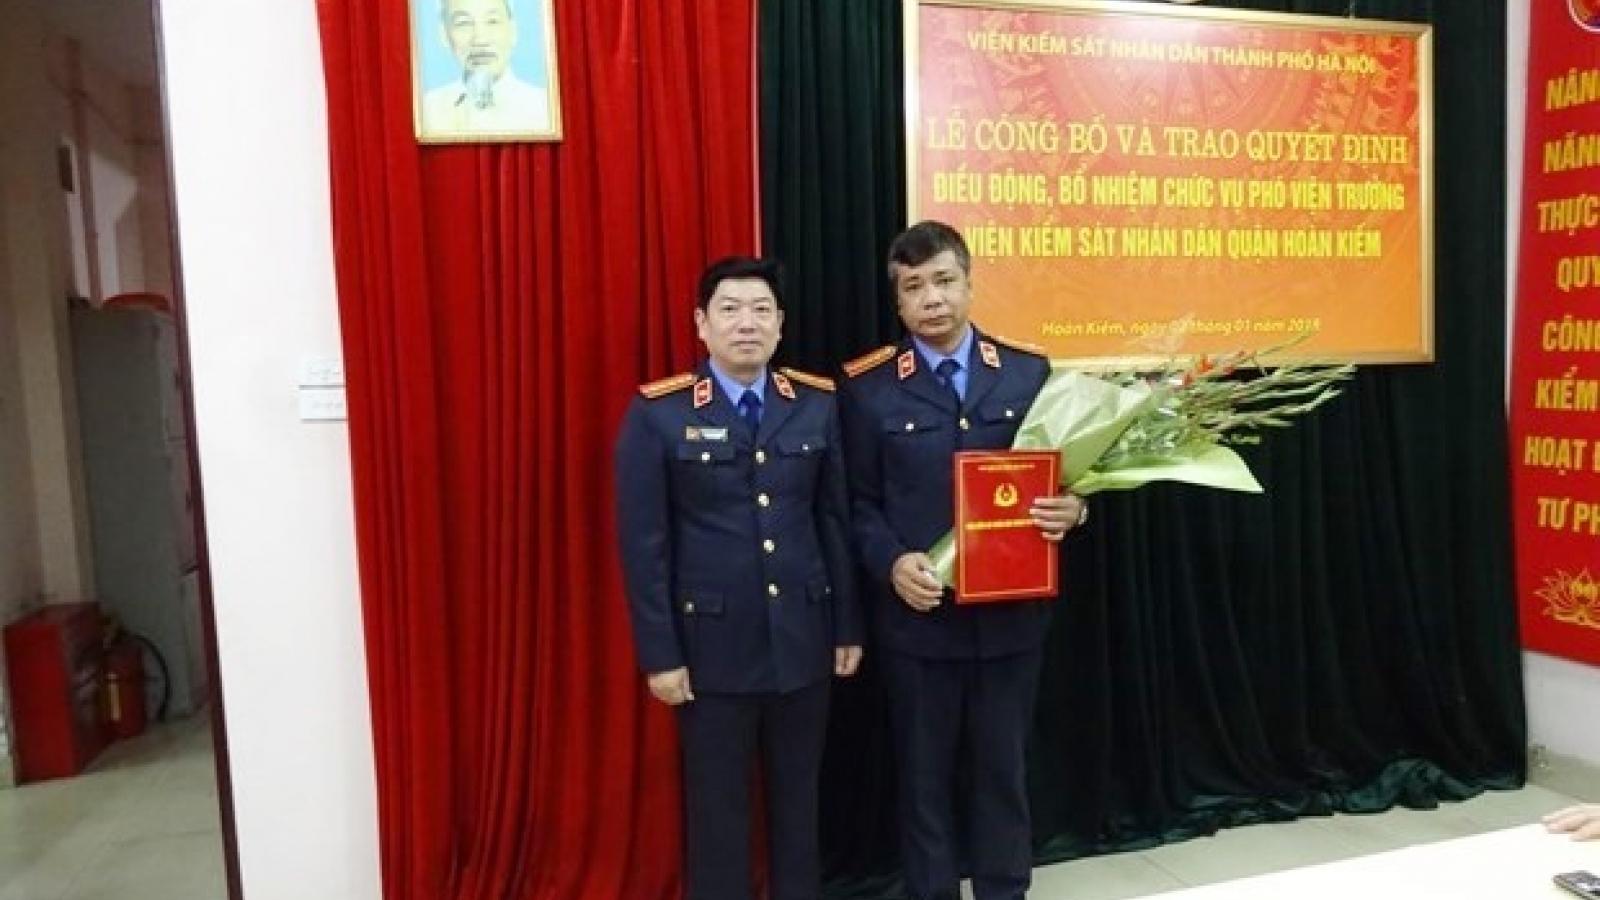 Hủy án sơ thẩm, trả hồ sơ vụ án liên quan tố cáo Phó viện trưởng VKSND quận Hoàn Kiếm